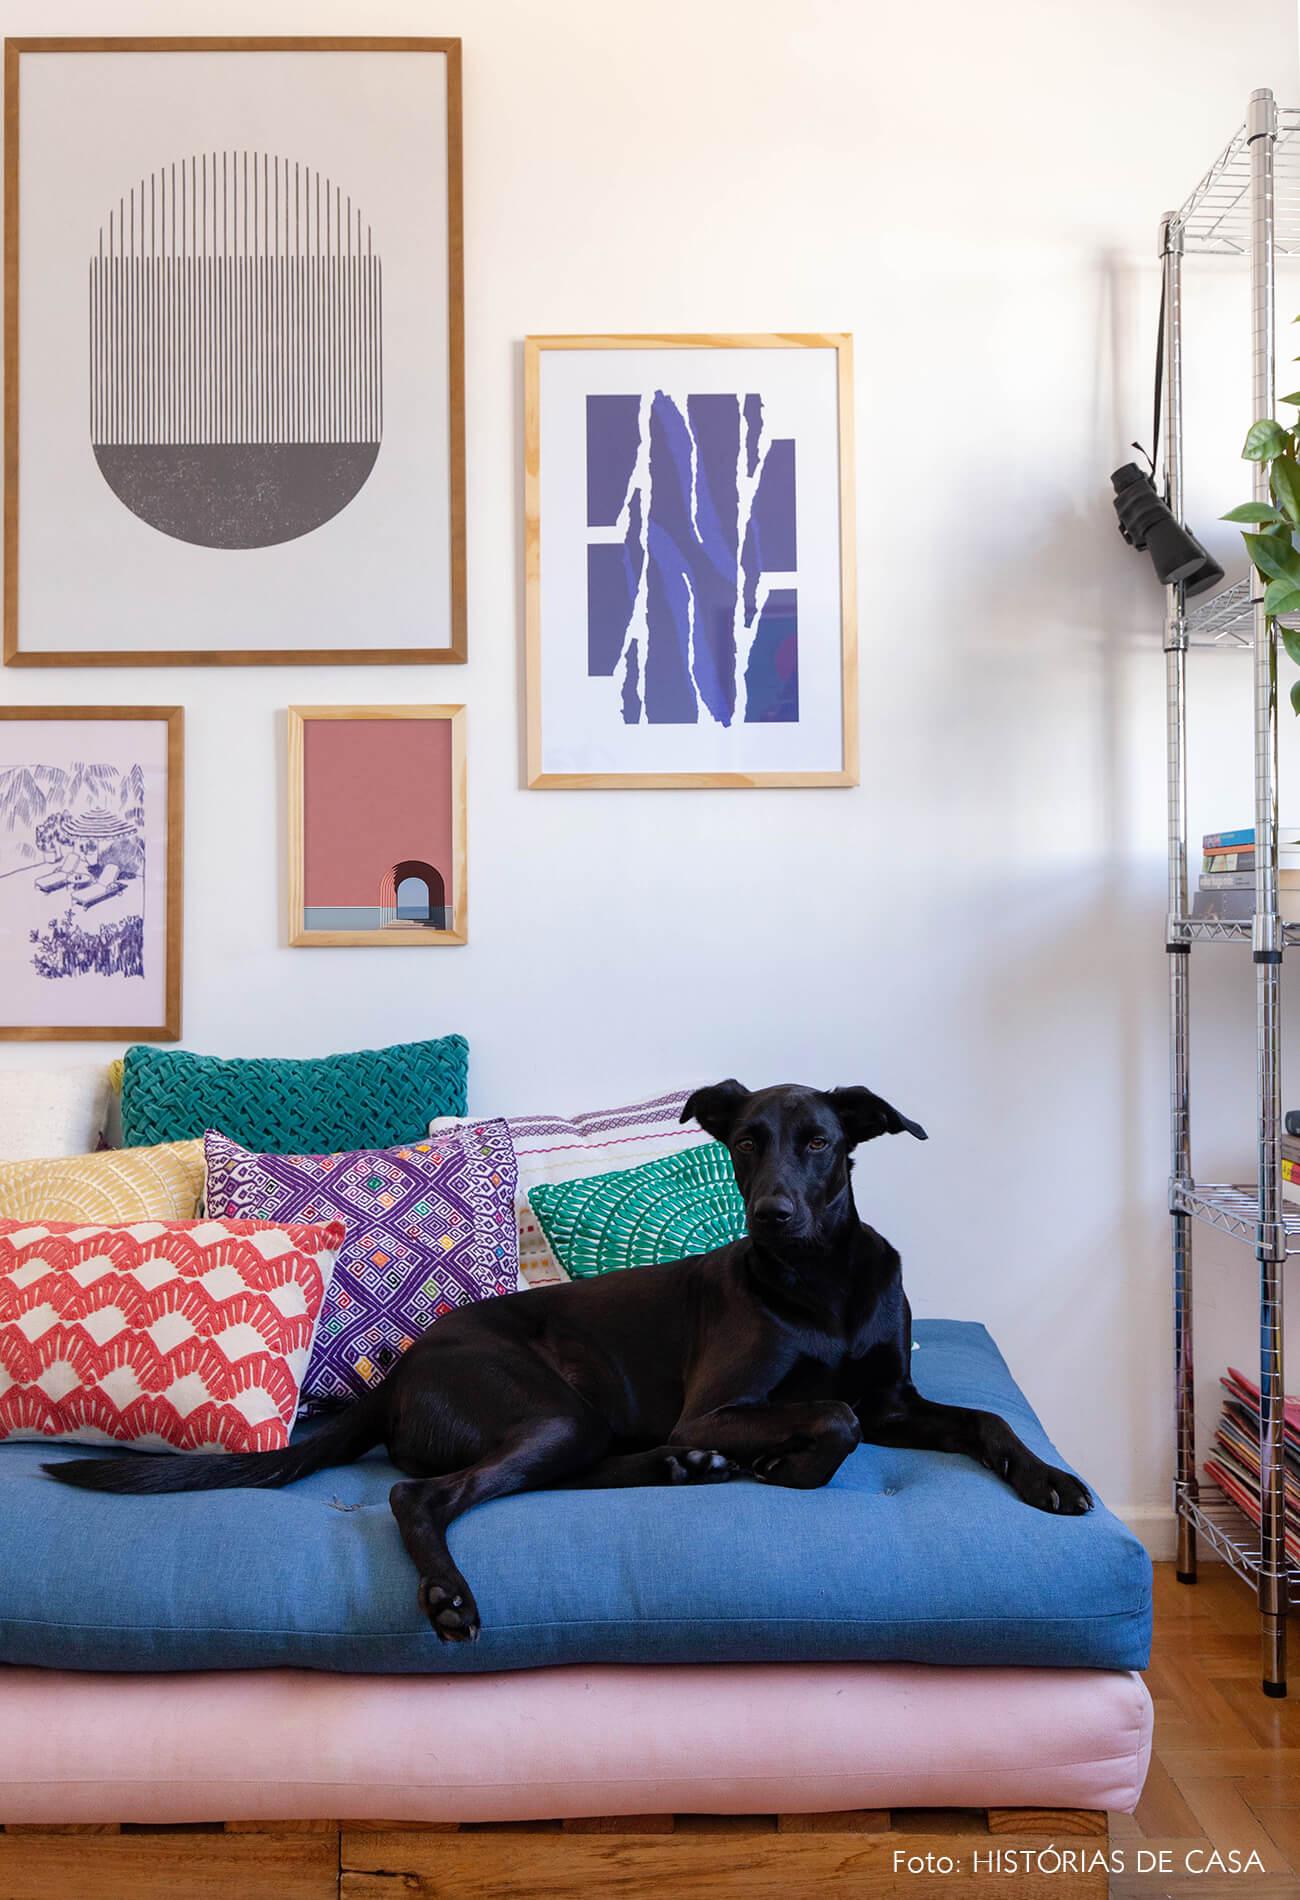 decoração composição quadros obrah futon colorido